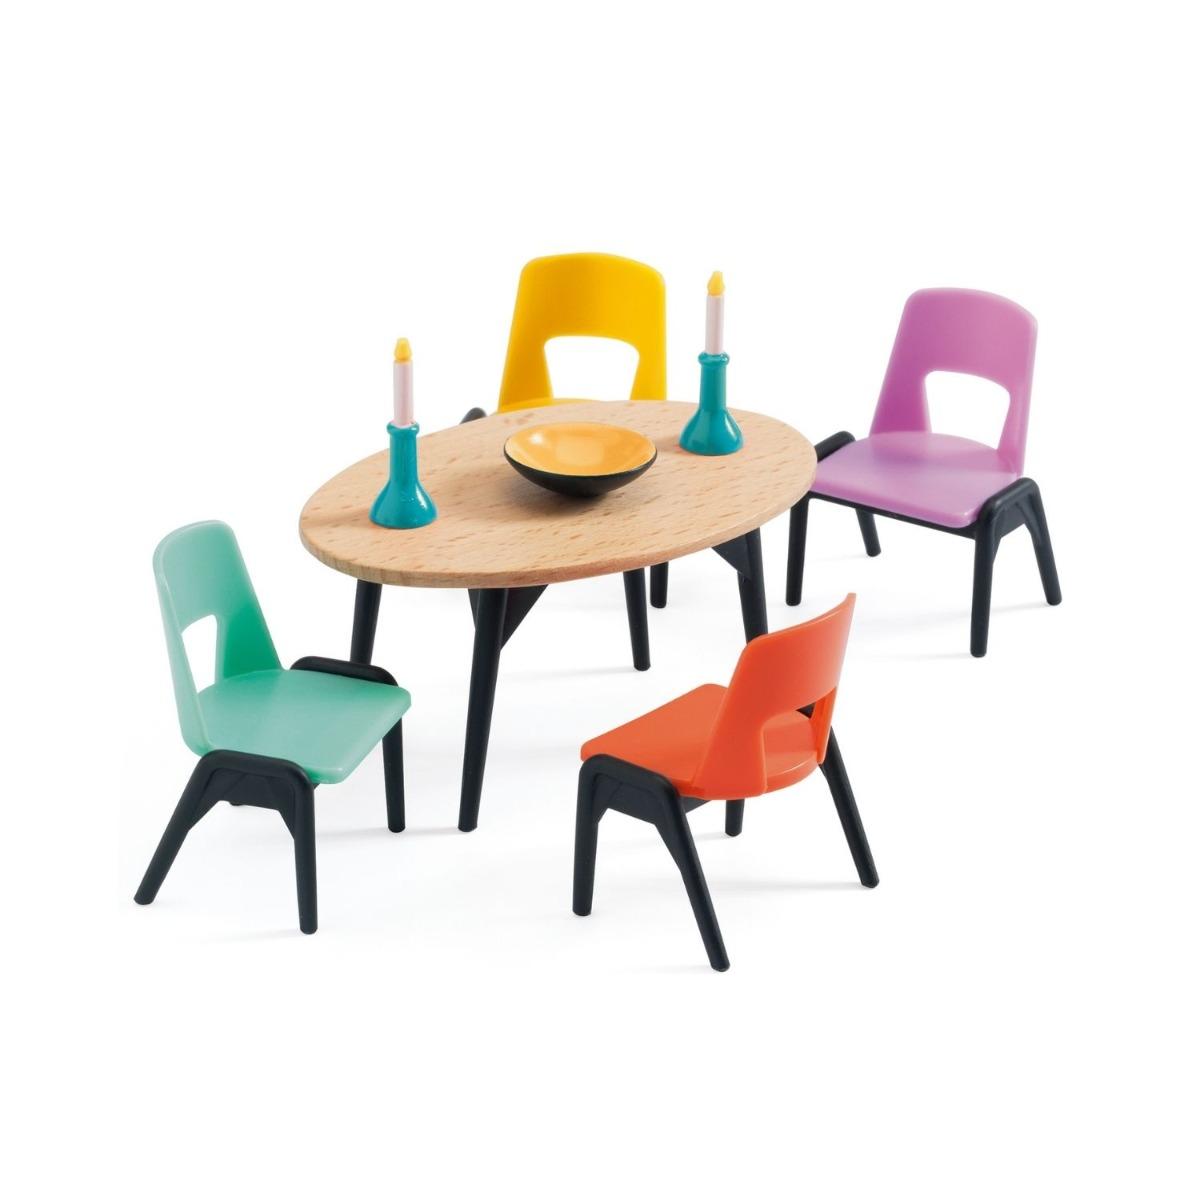 Designtorget Dockskåpsmöbler Matsal